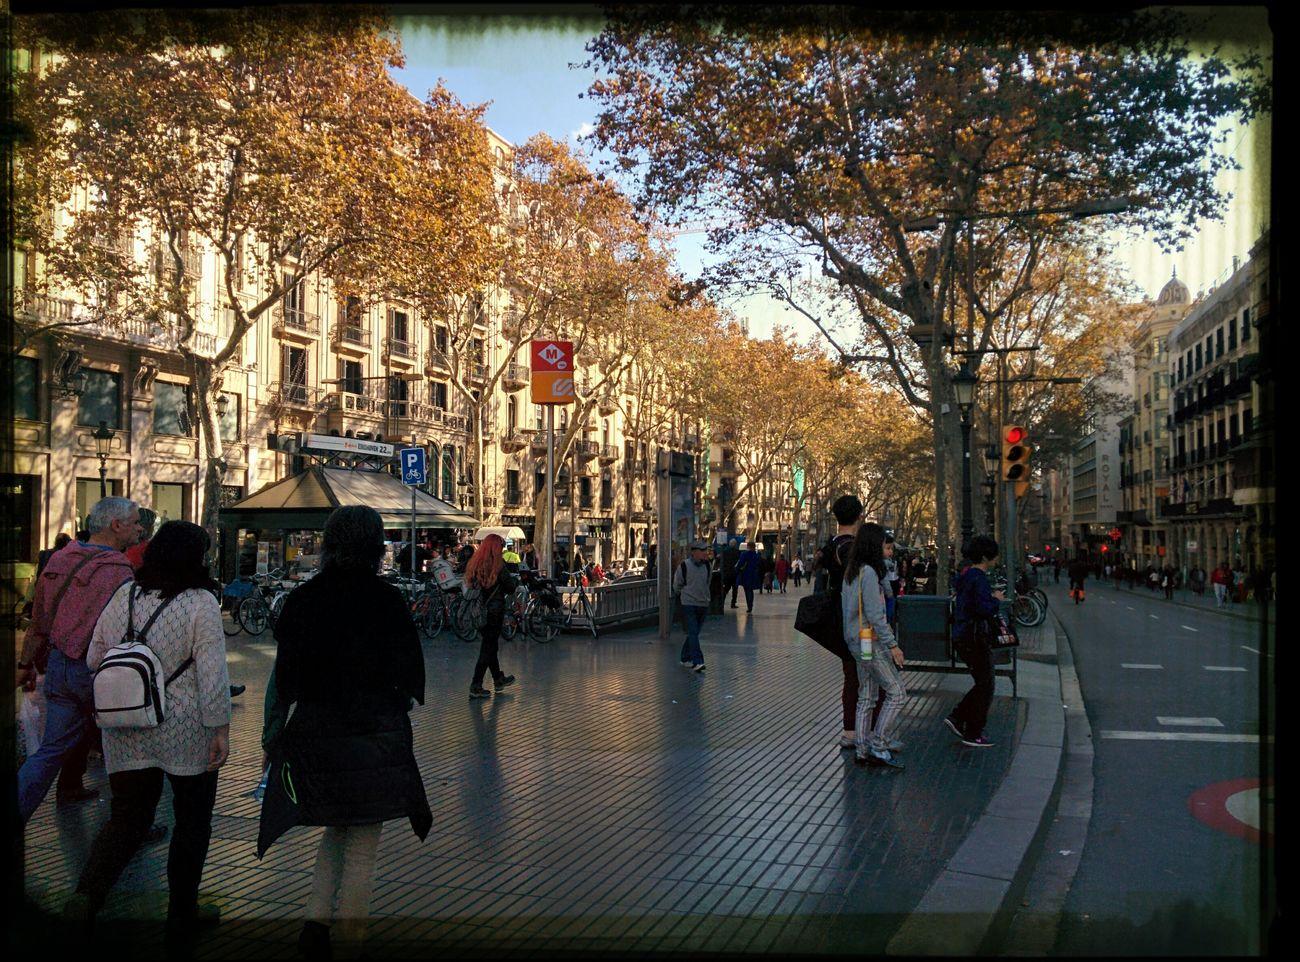 Barcelona, la Rambla en otoño. Syksyinen la Rambla. Barcelona Aitoespanja Syksy Espanja